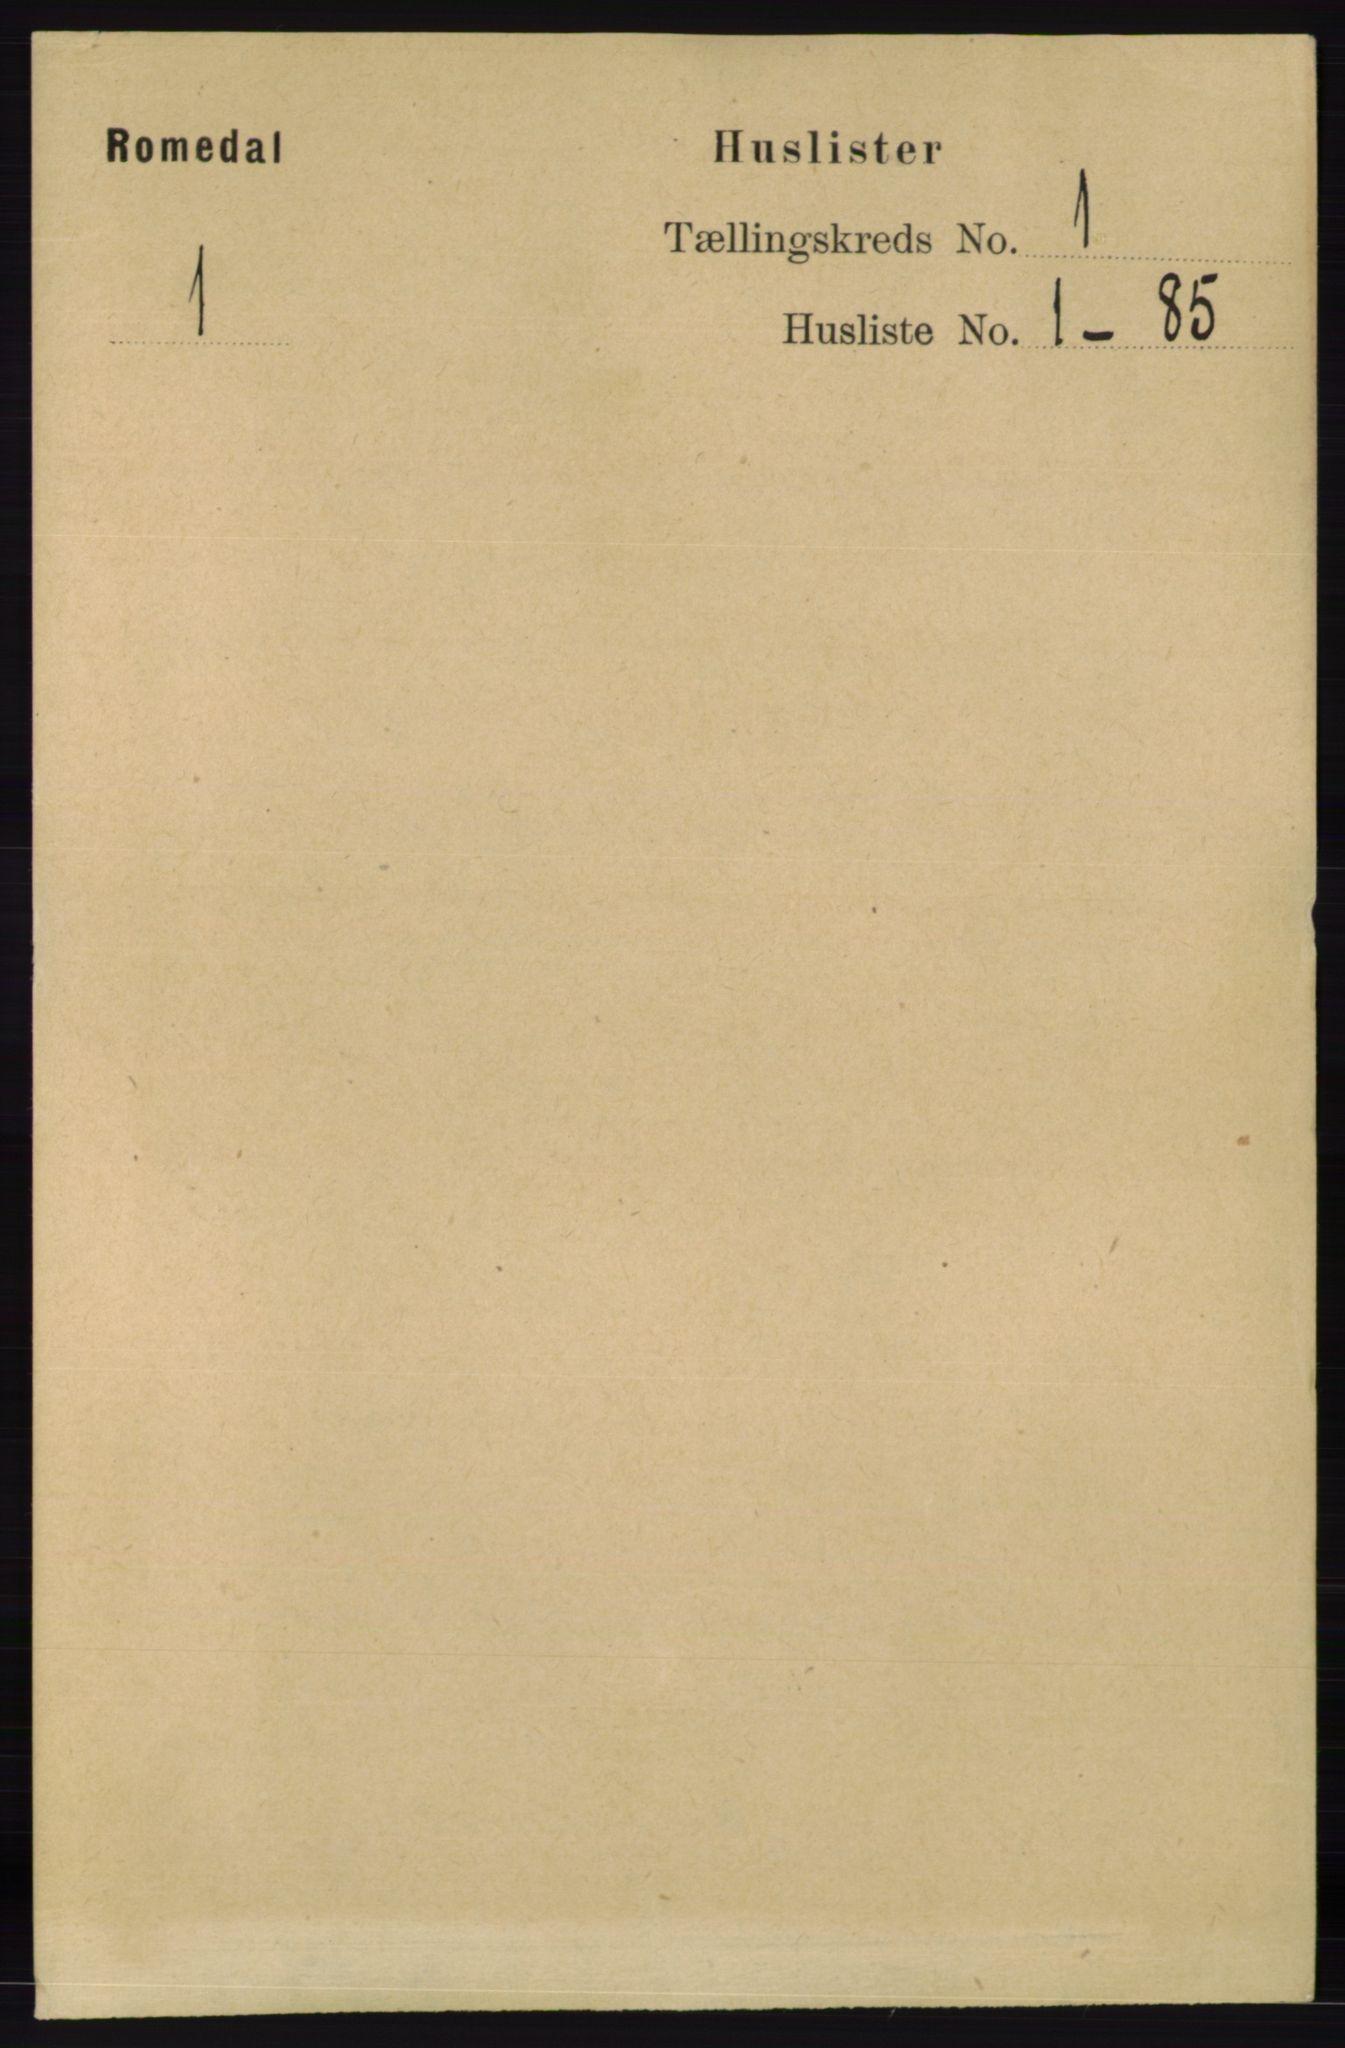 RA, Folketelling 1891 for 0416 Romedal herred, 1891, s. 30